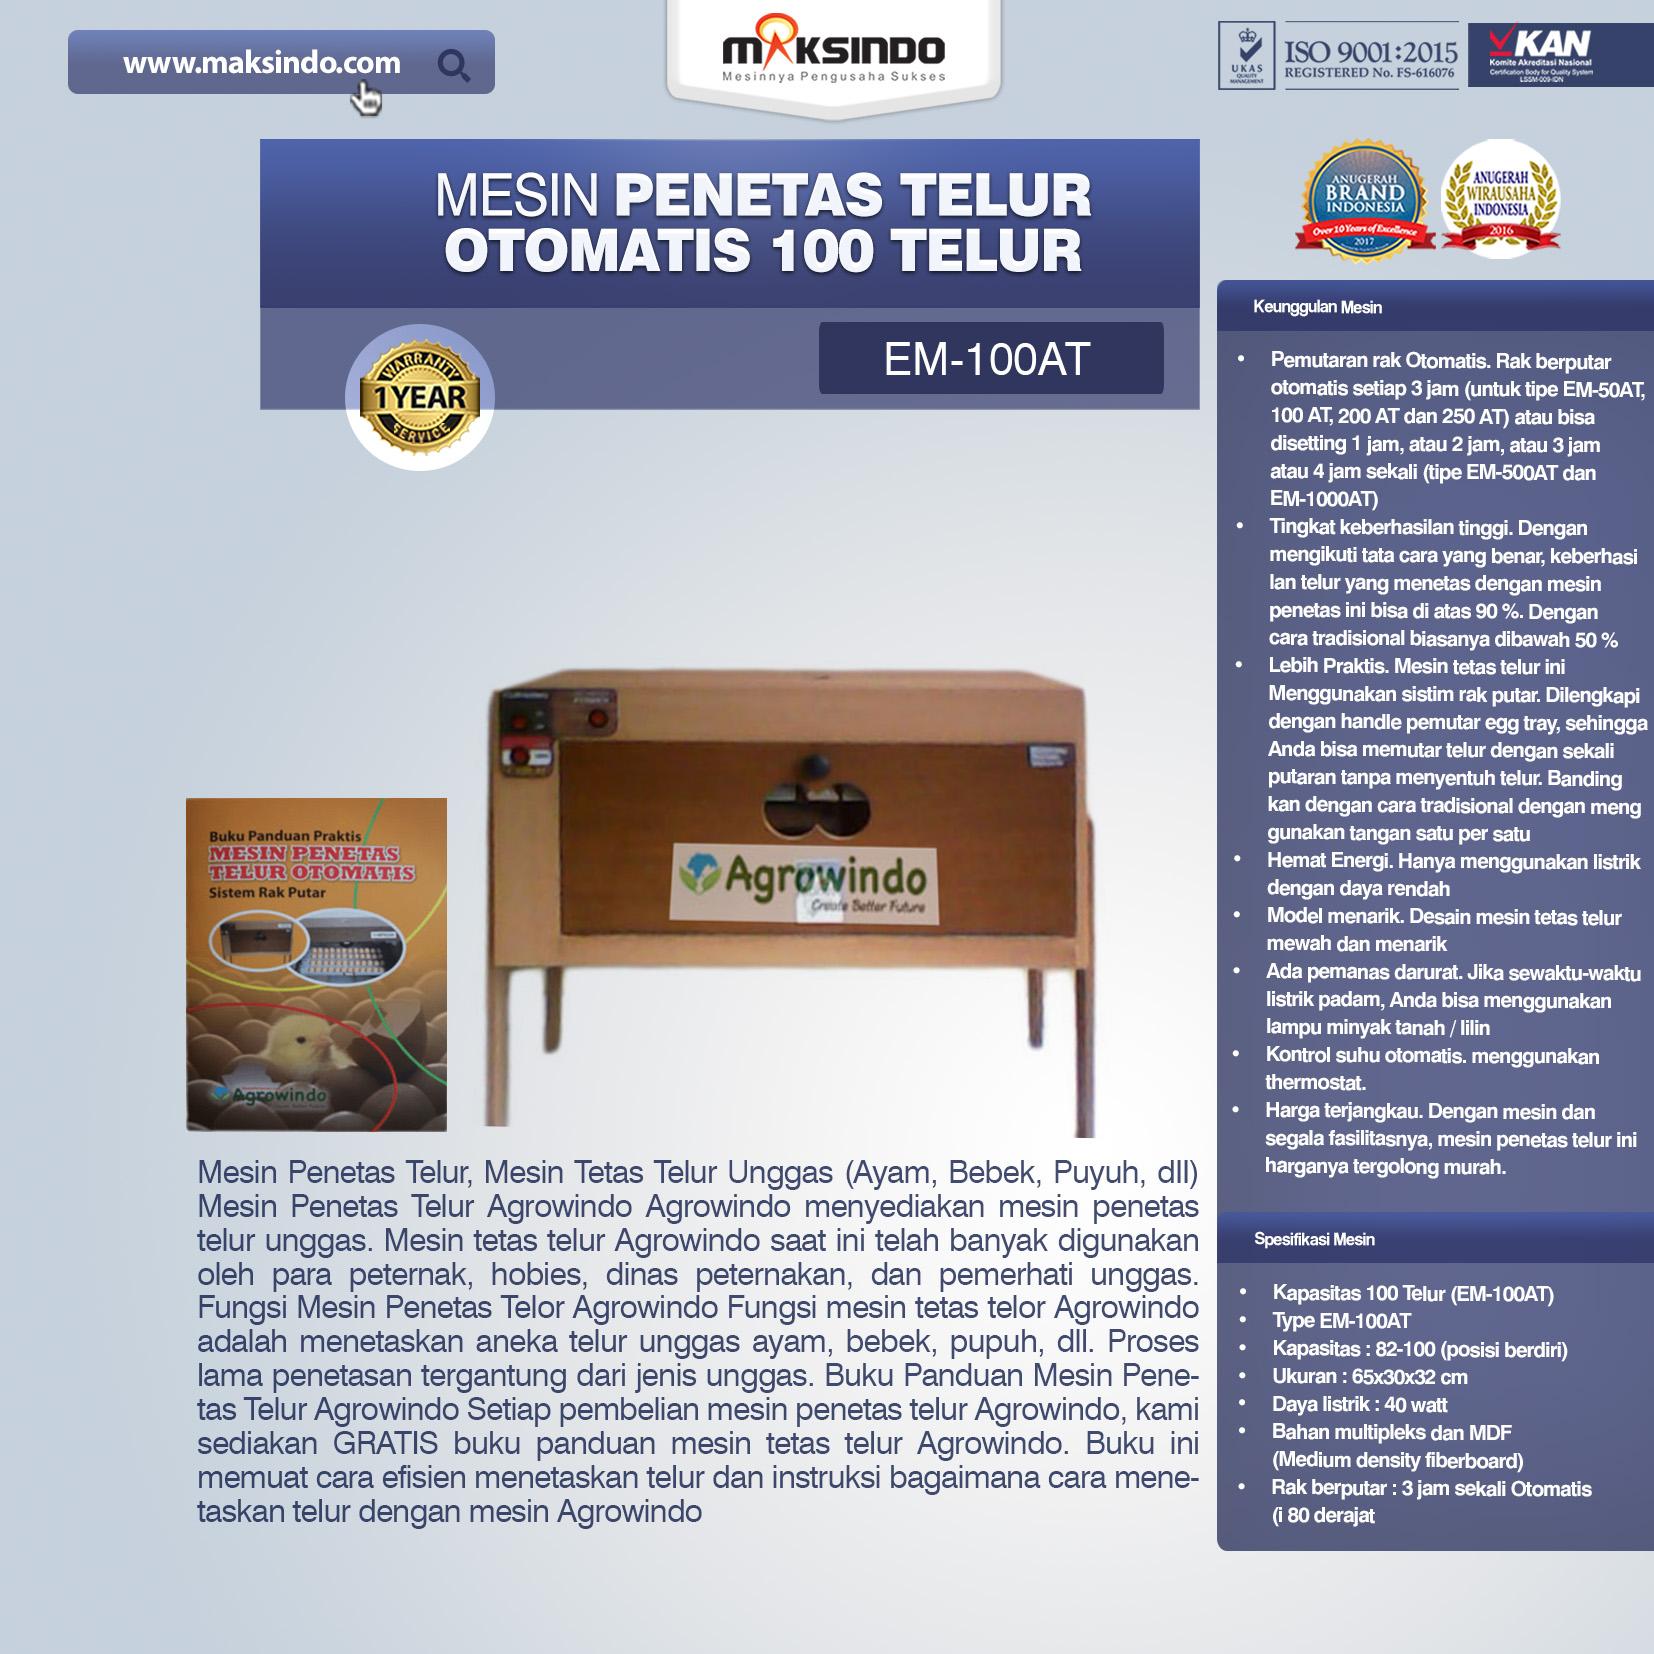 Jual Mesin Penetas Telur Otomatis 100 Telur (EM-100AT) di Tangerang